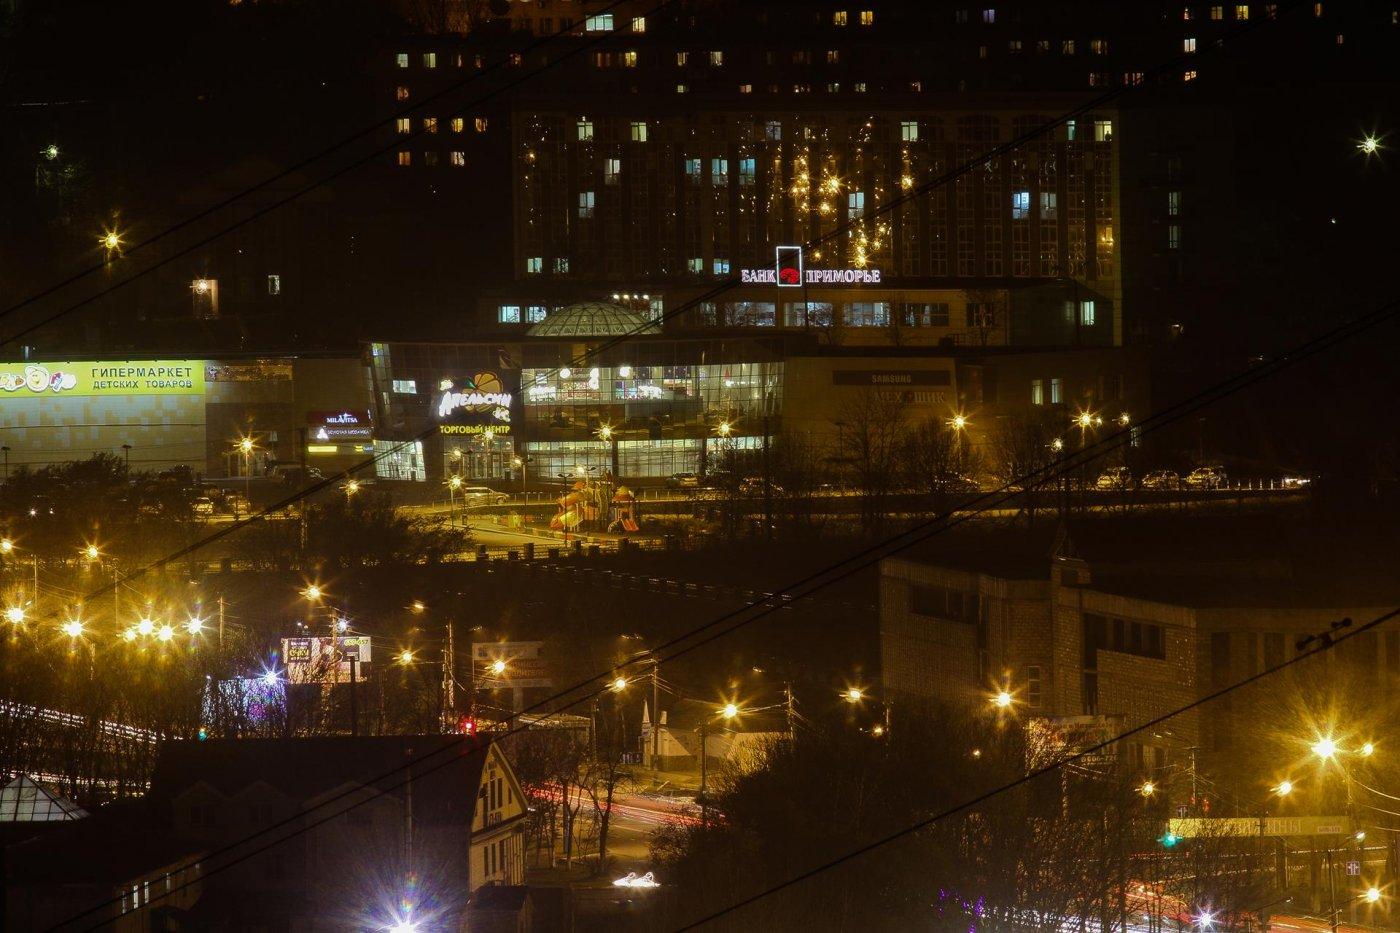 Фото 8672 - копия (Copy).jpg. Россия, Приморский край, город Находка, Unnamed Road